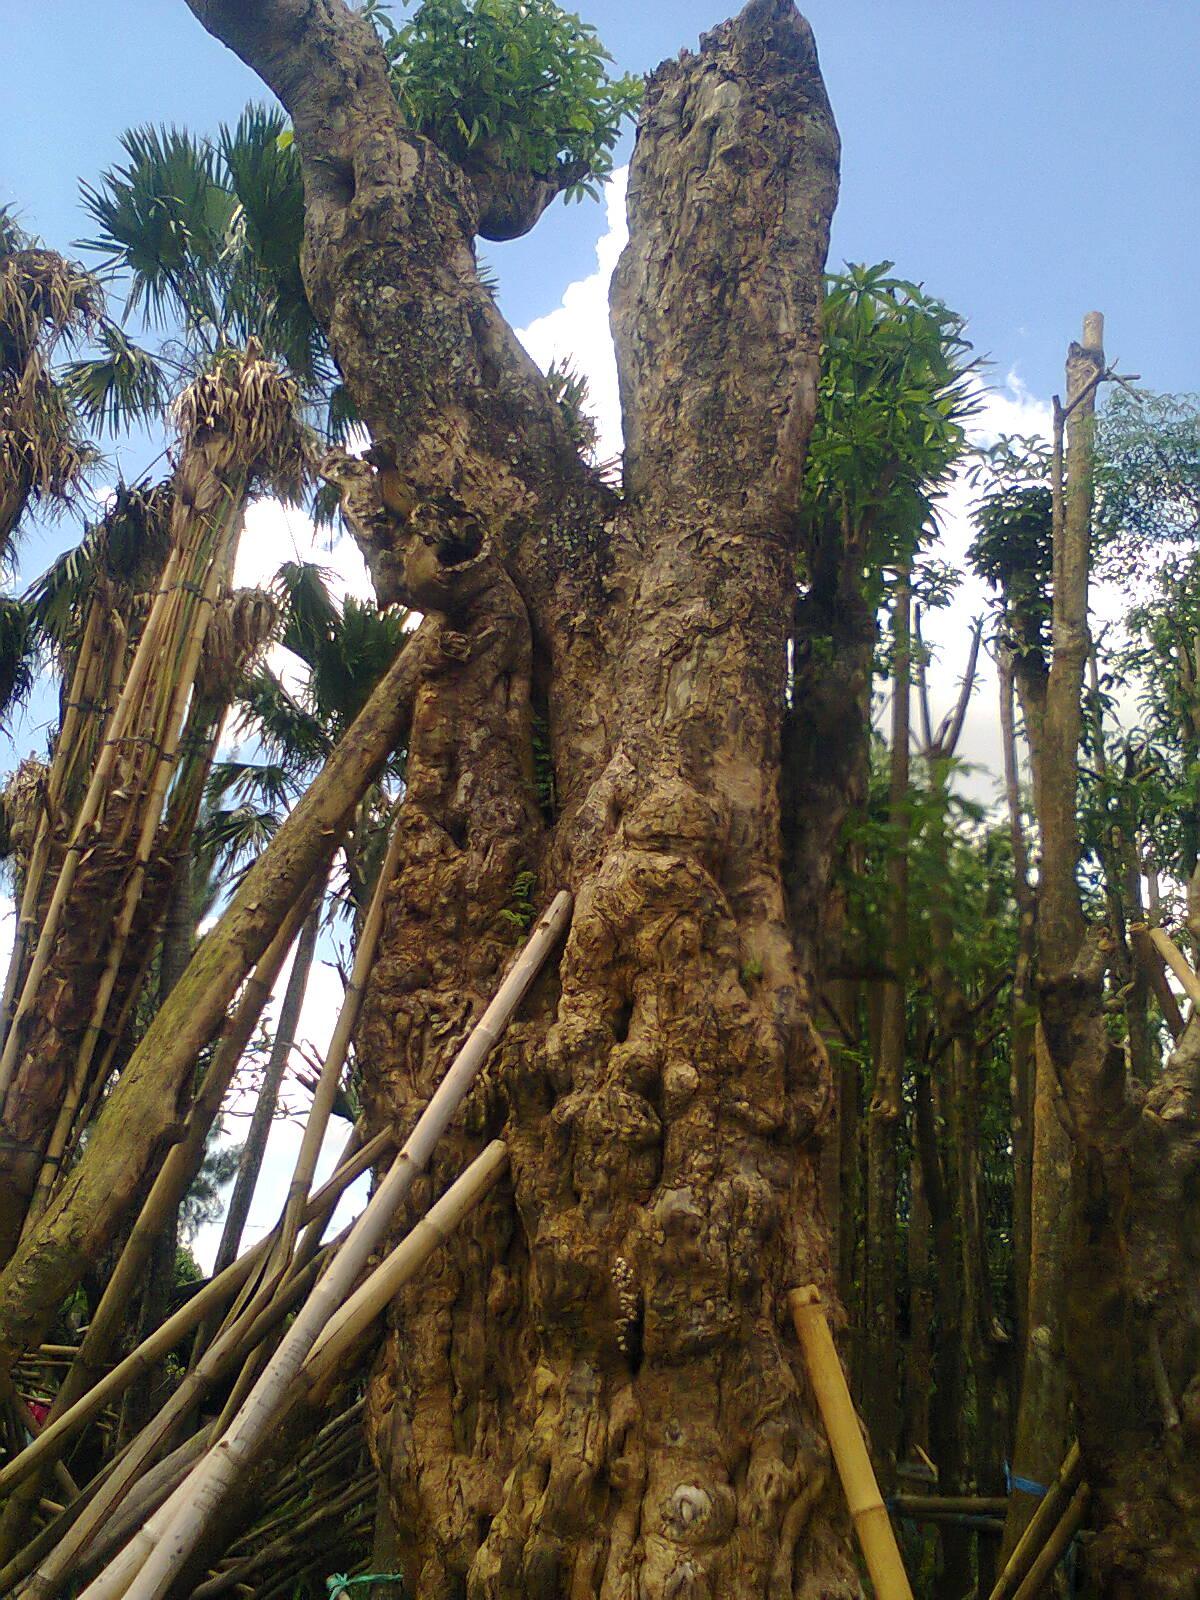 Jual Pohon Pule Besar  Bonsai Pule  Pule Fosil Murah